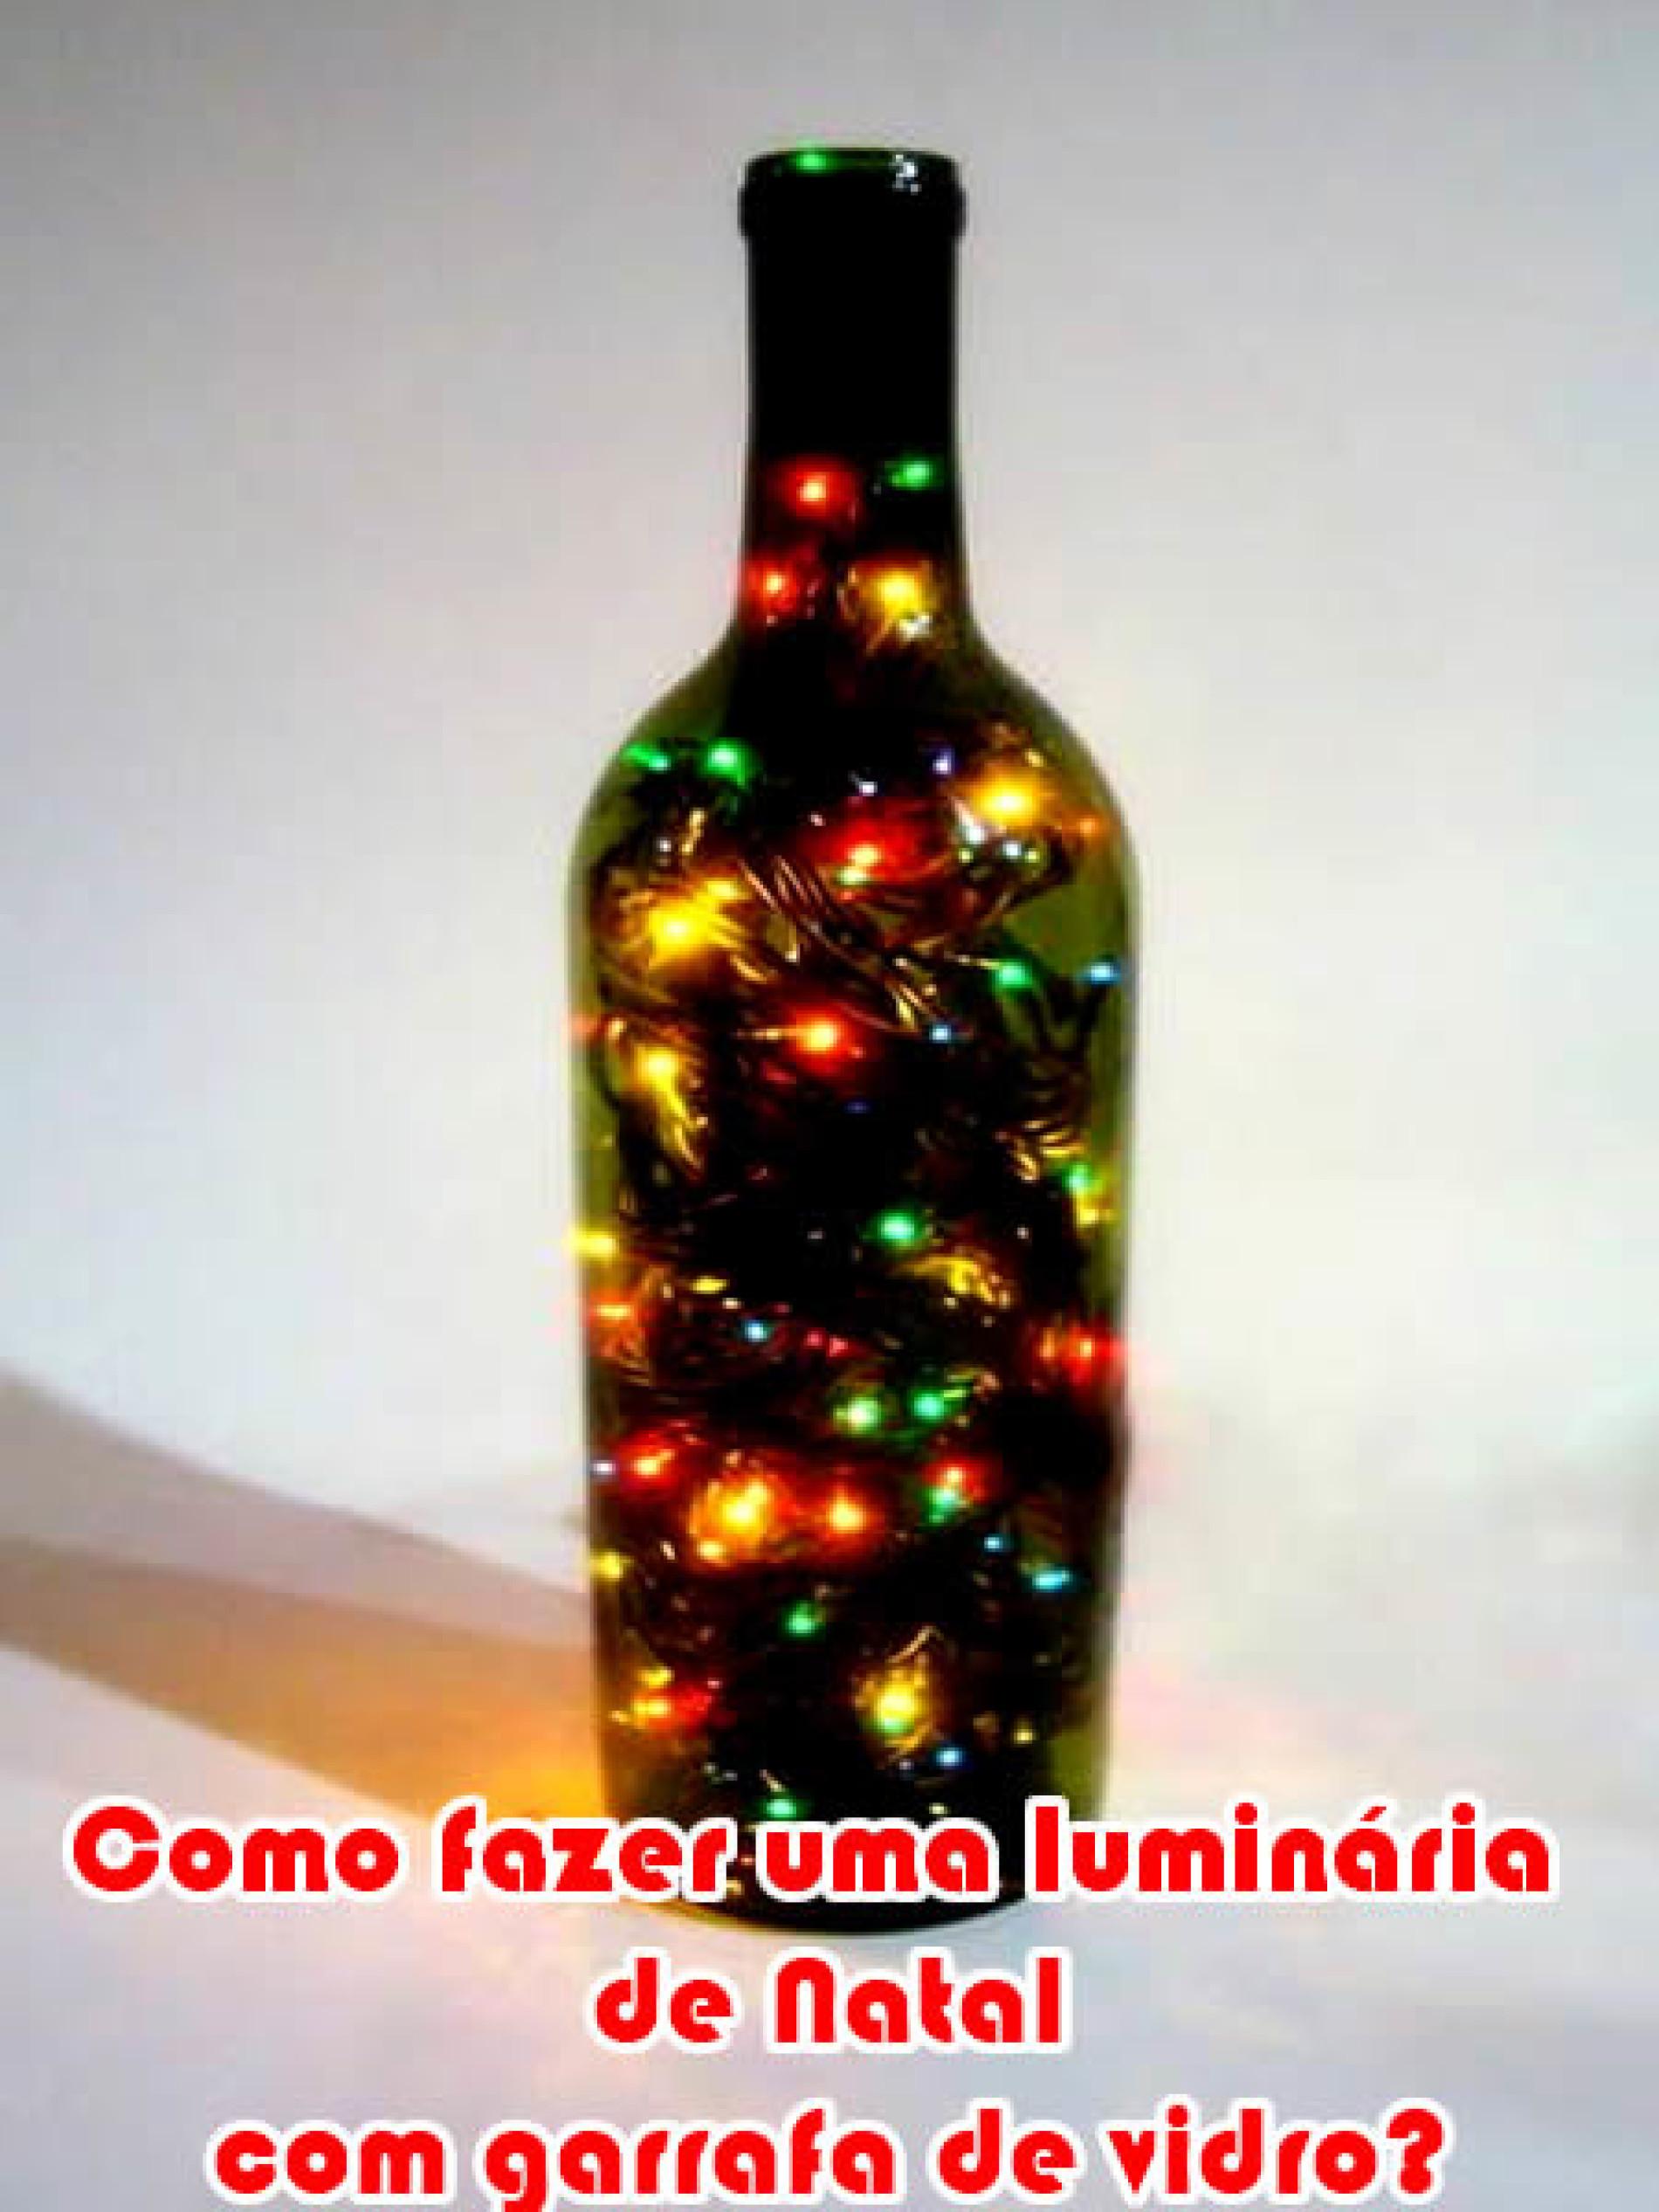 Como fazer uma arvore de natal luminária na garrafa